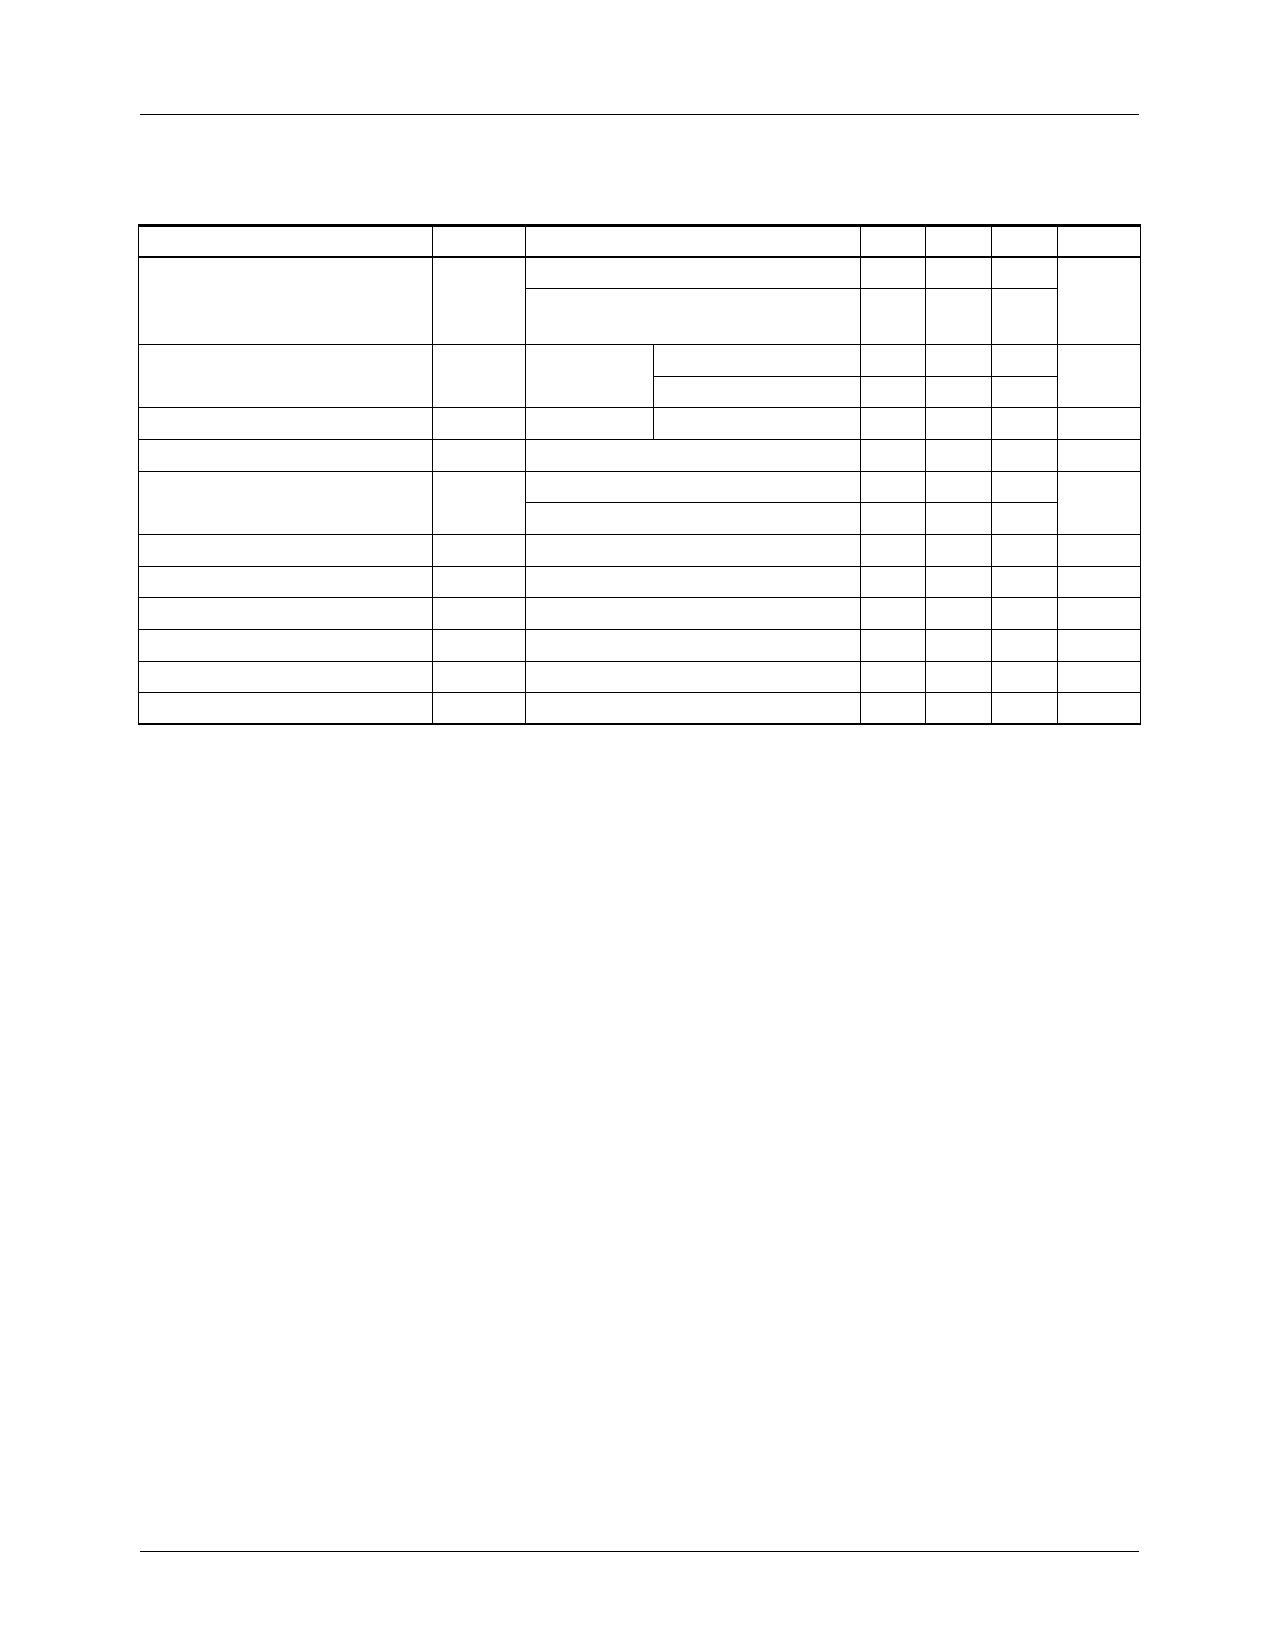 KA79M12R pdf, ピン配列